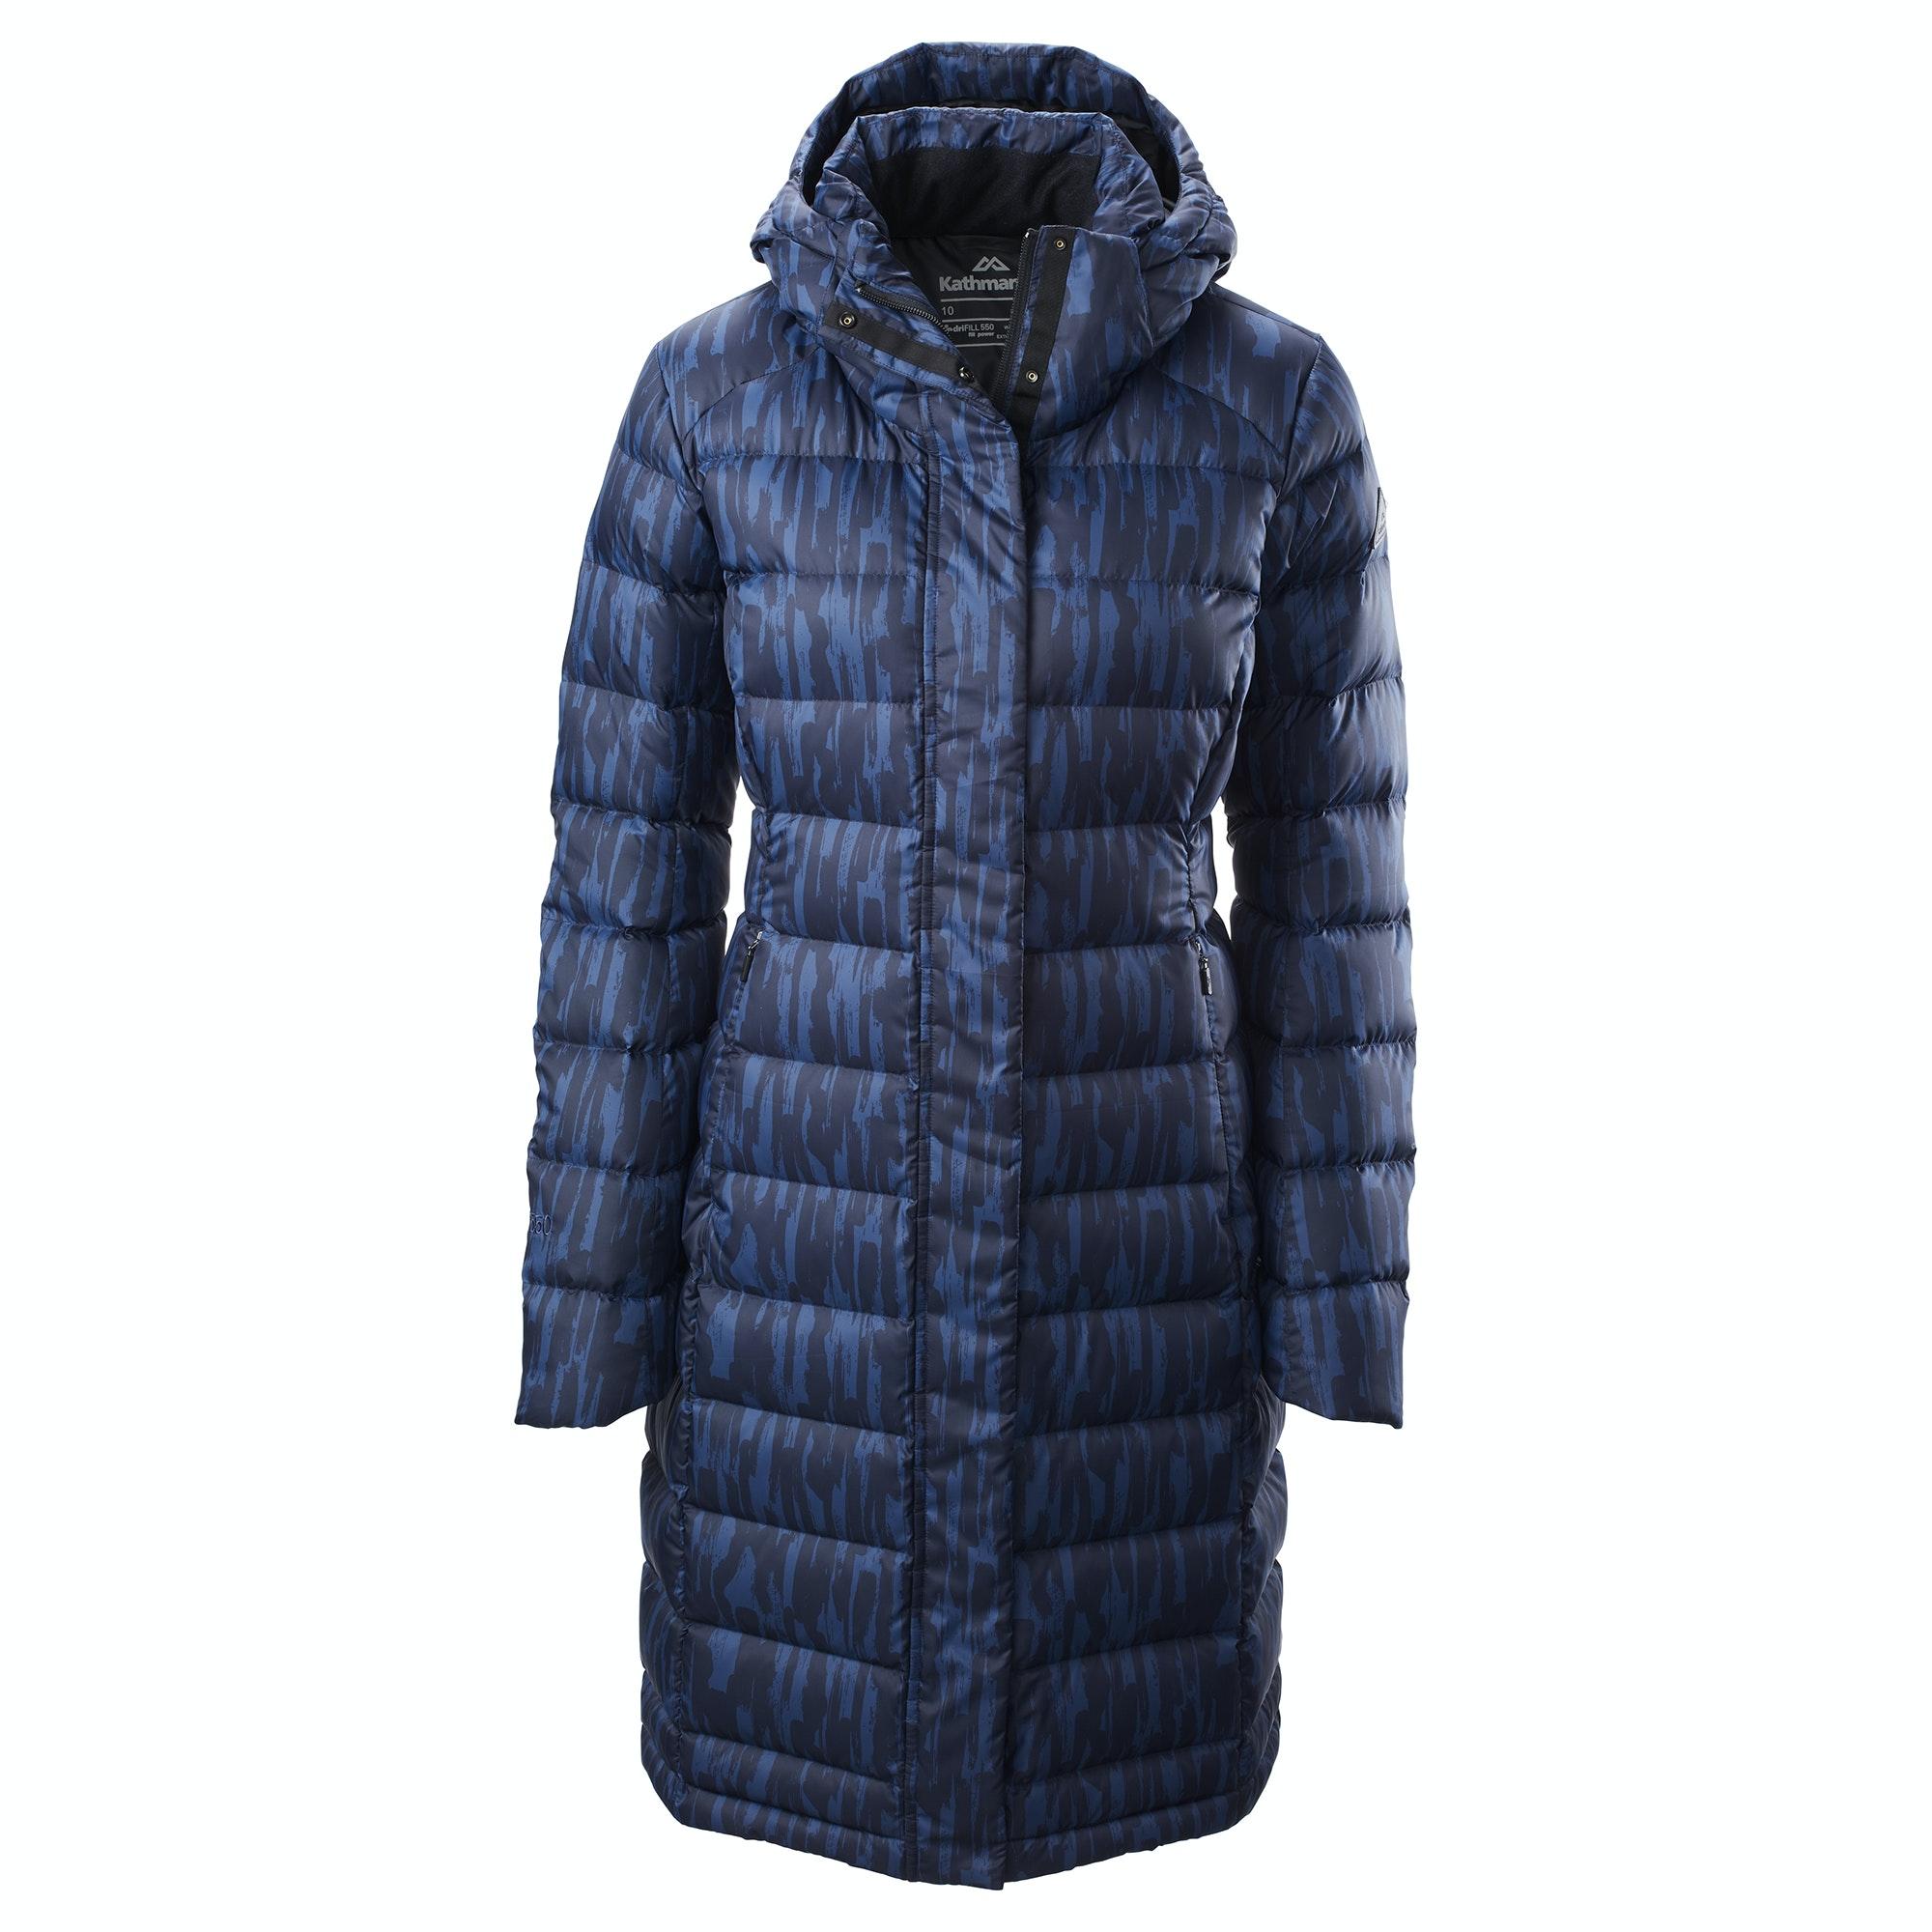 Women's Plus Size Full Length Splendor Down Jacket